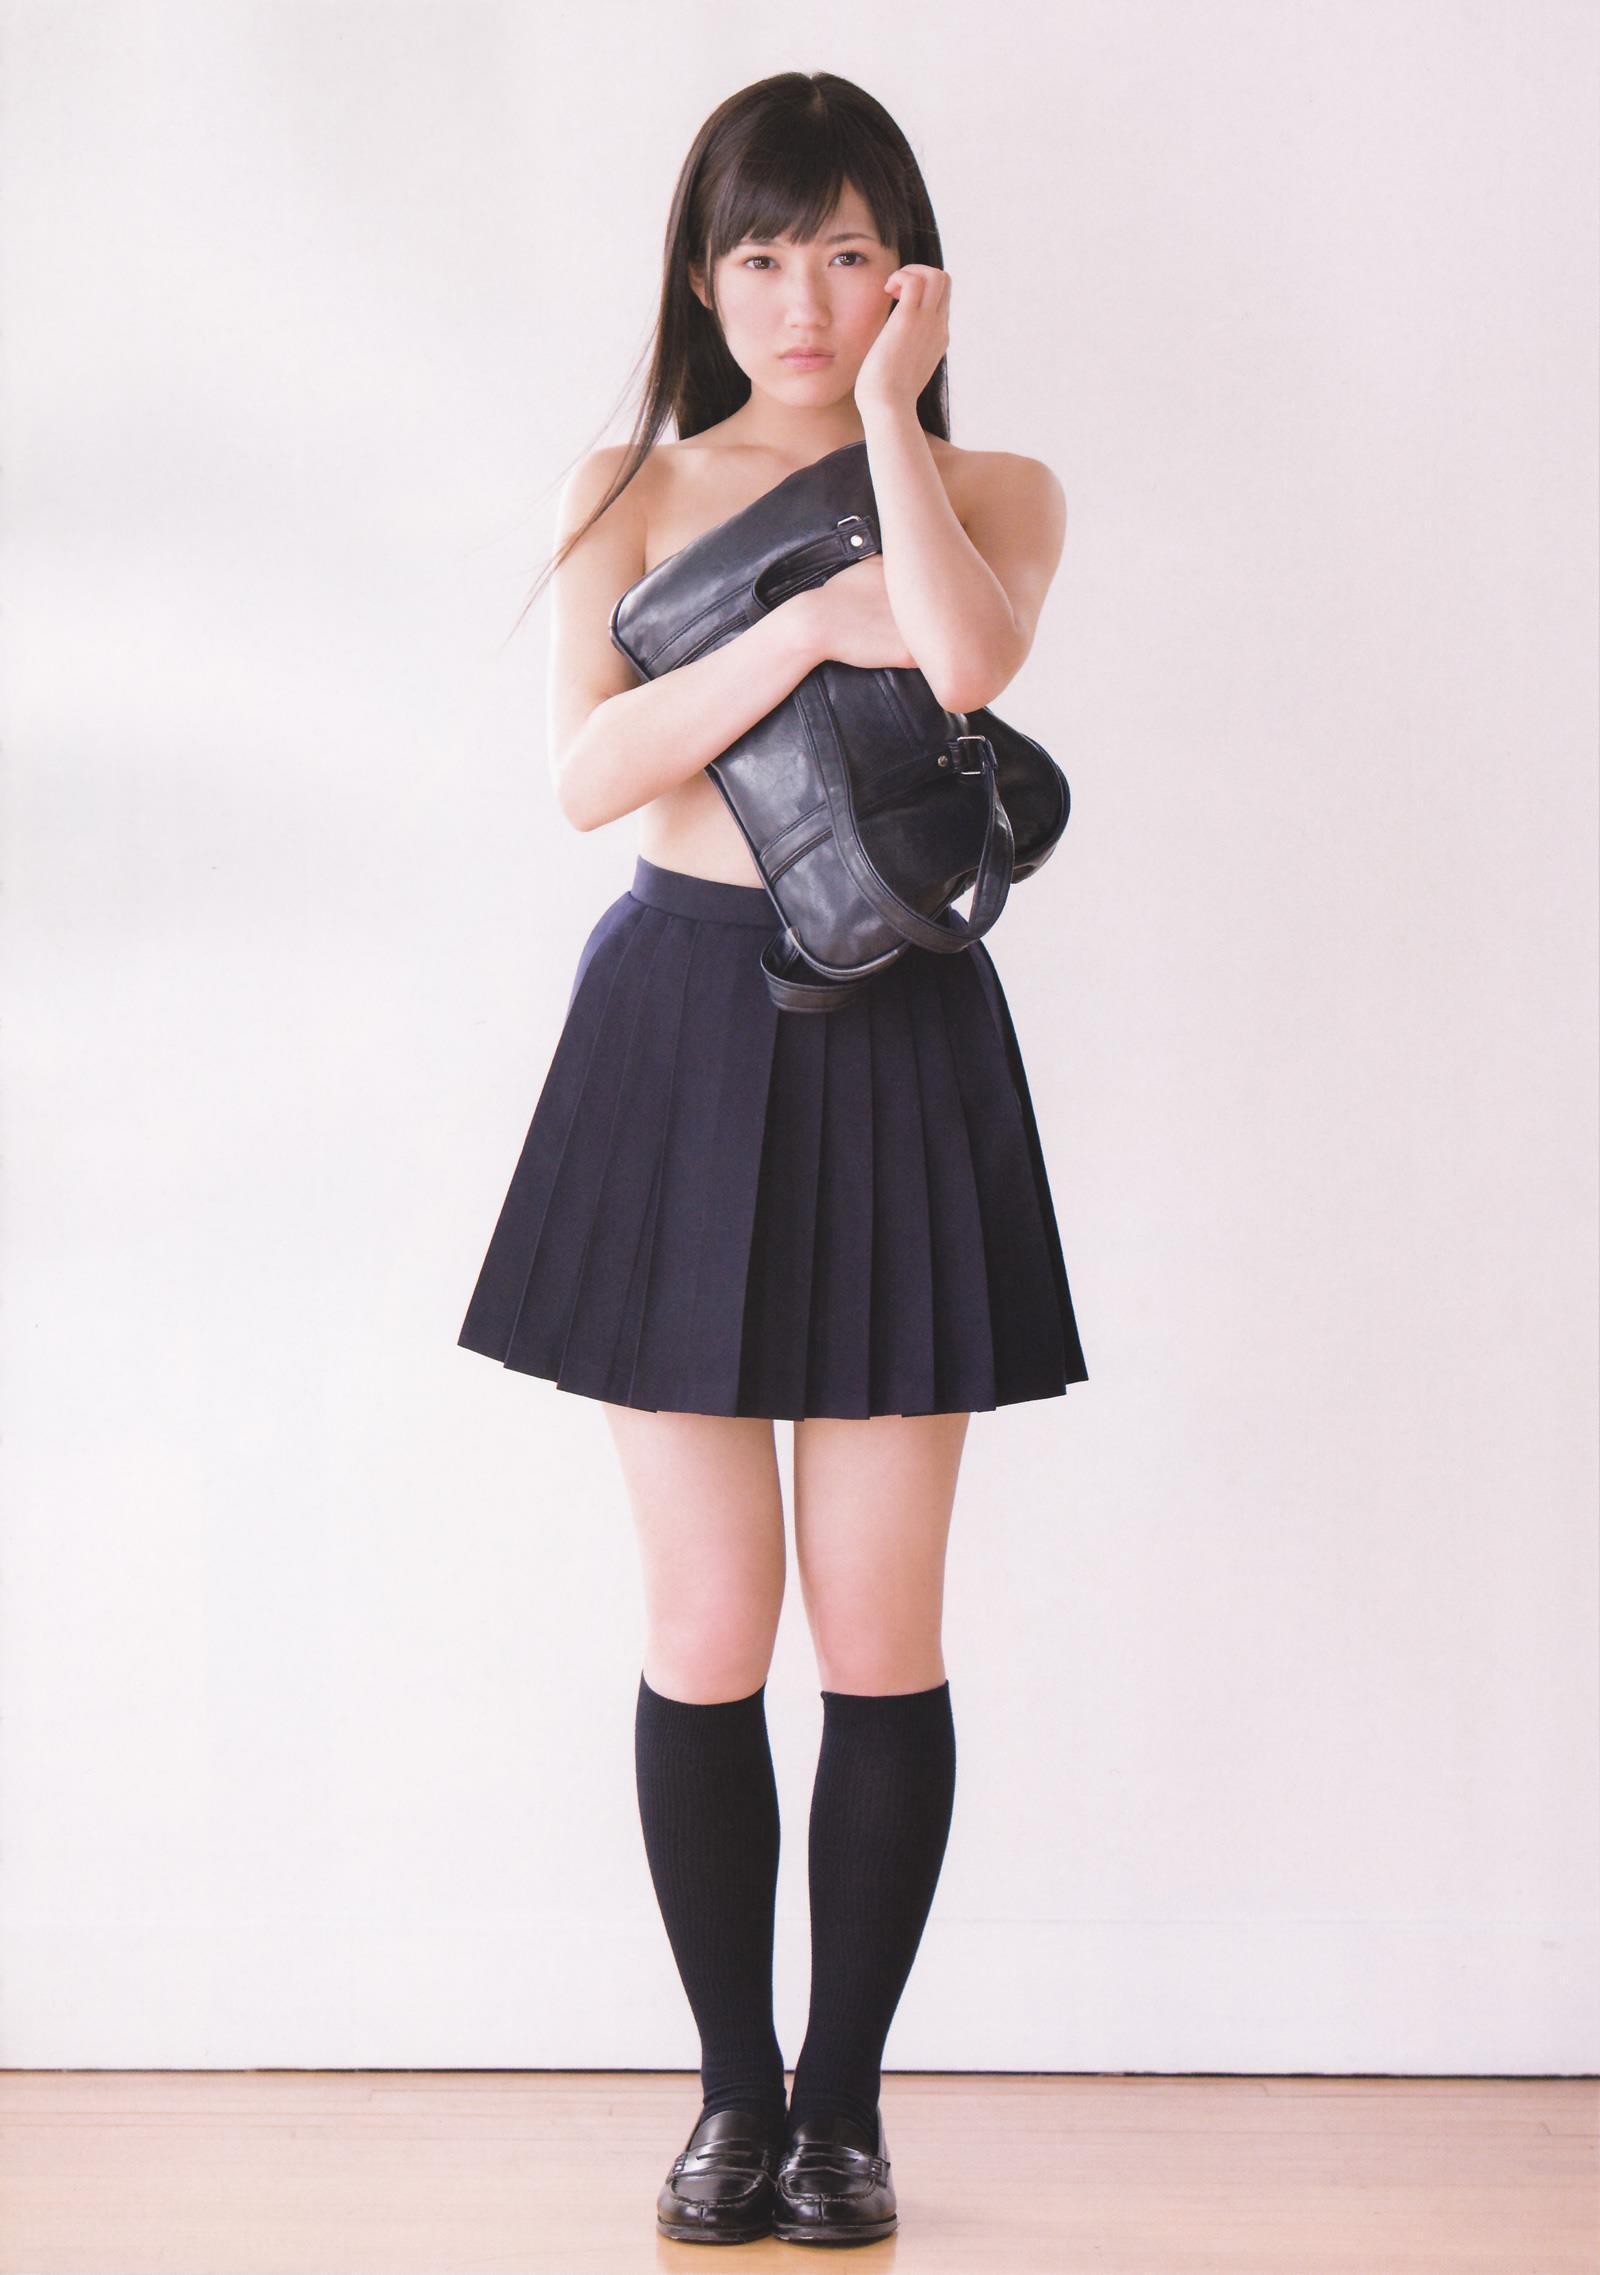 渡辺麻友 写真集「まゆゆ」 画像 12